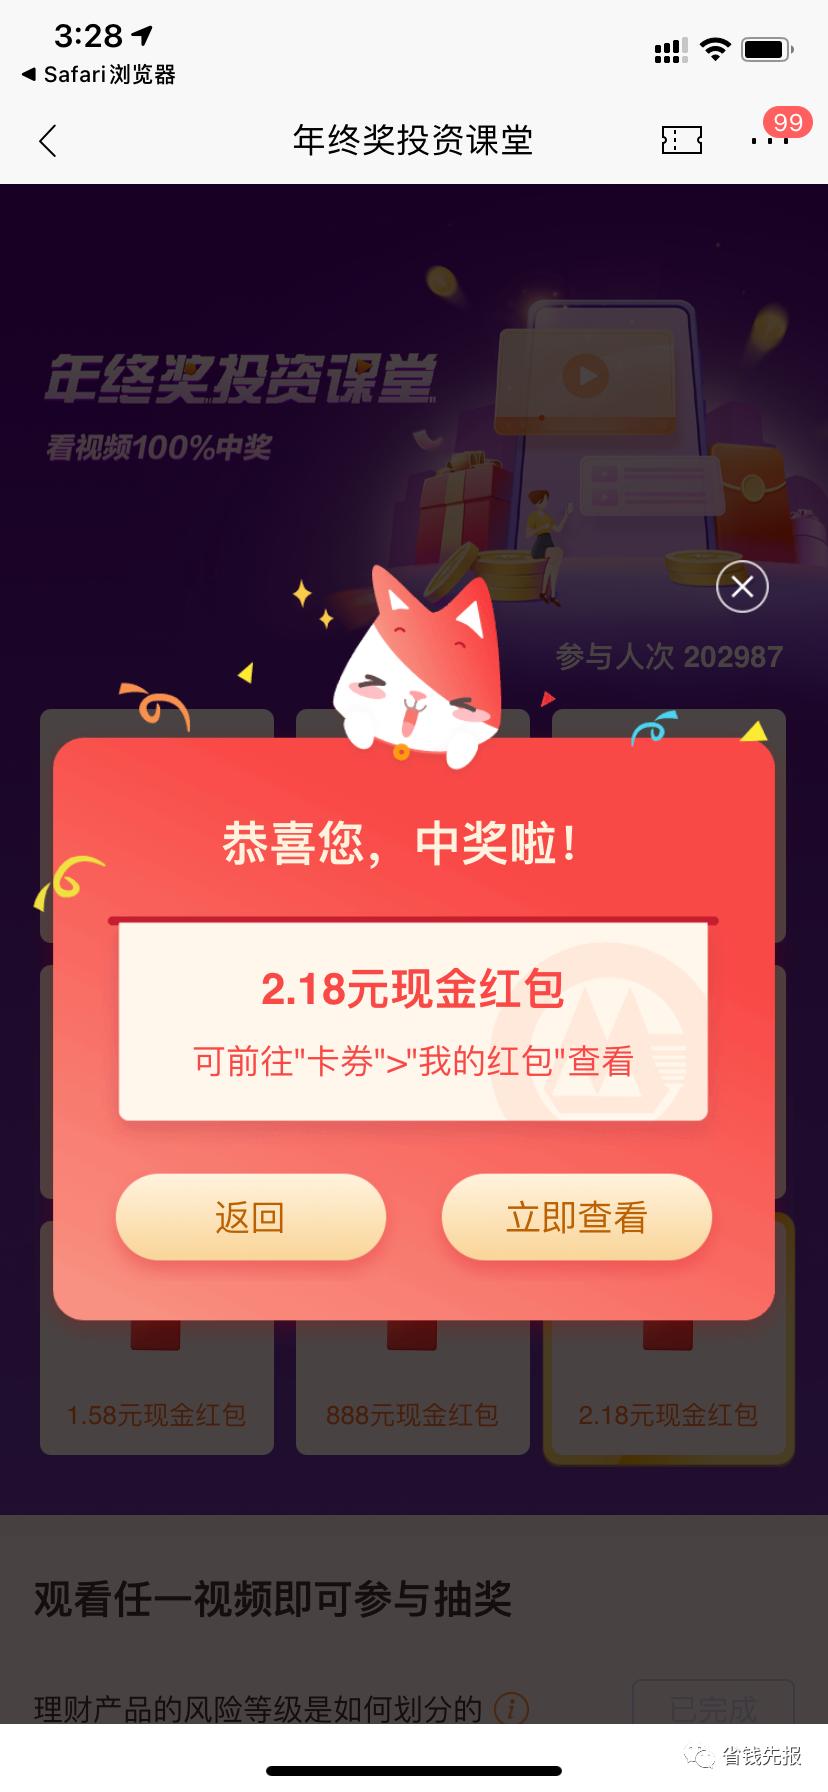 招行绑定任意卡新老用户领10+5+2元话费+2+2+1.8+0.8红包!